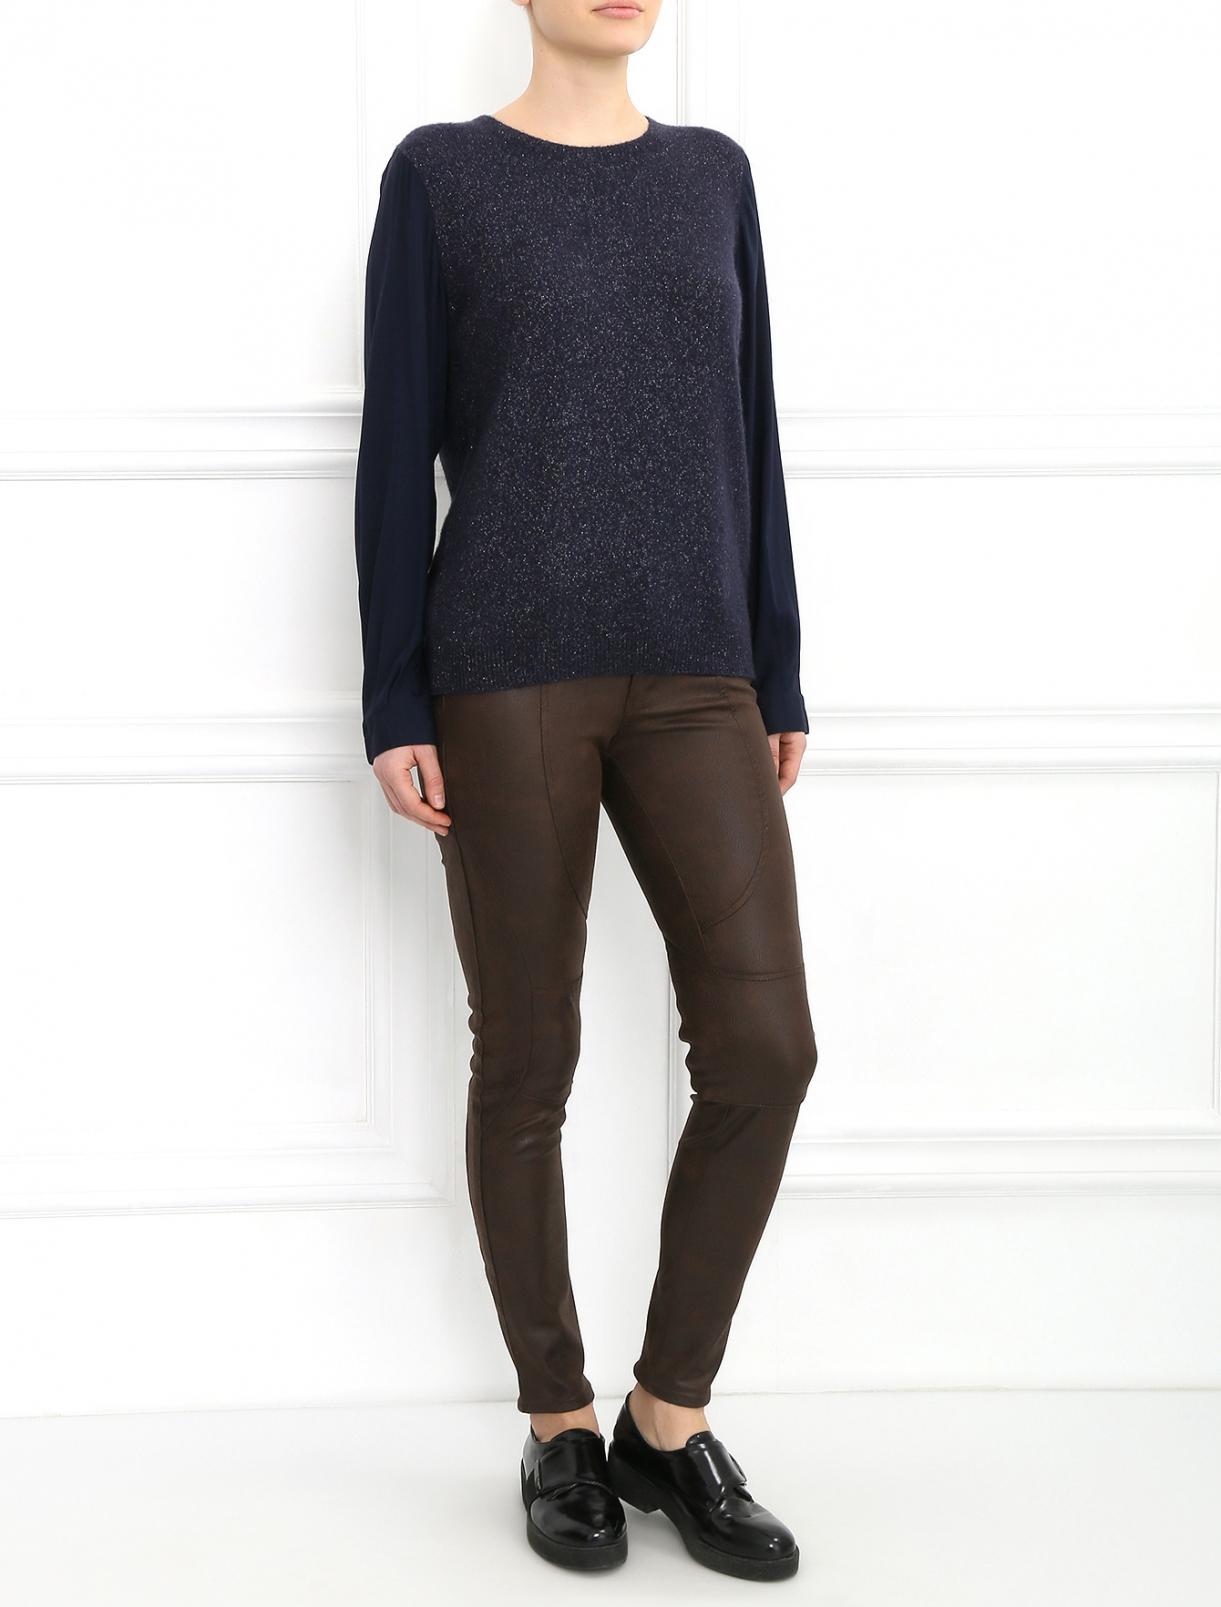 Узкие брюки Black Orchid  –  Модель Общий вид  – Цвет:  Коричневый